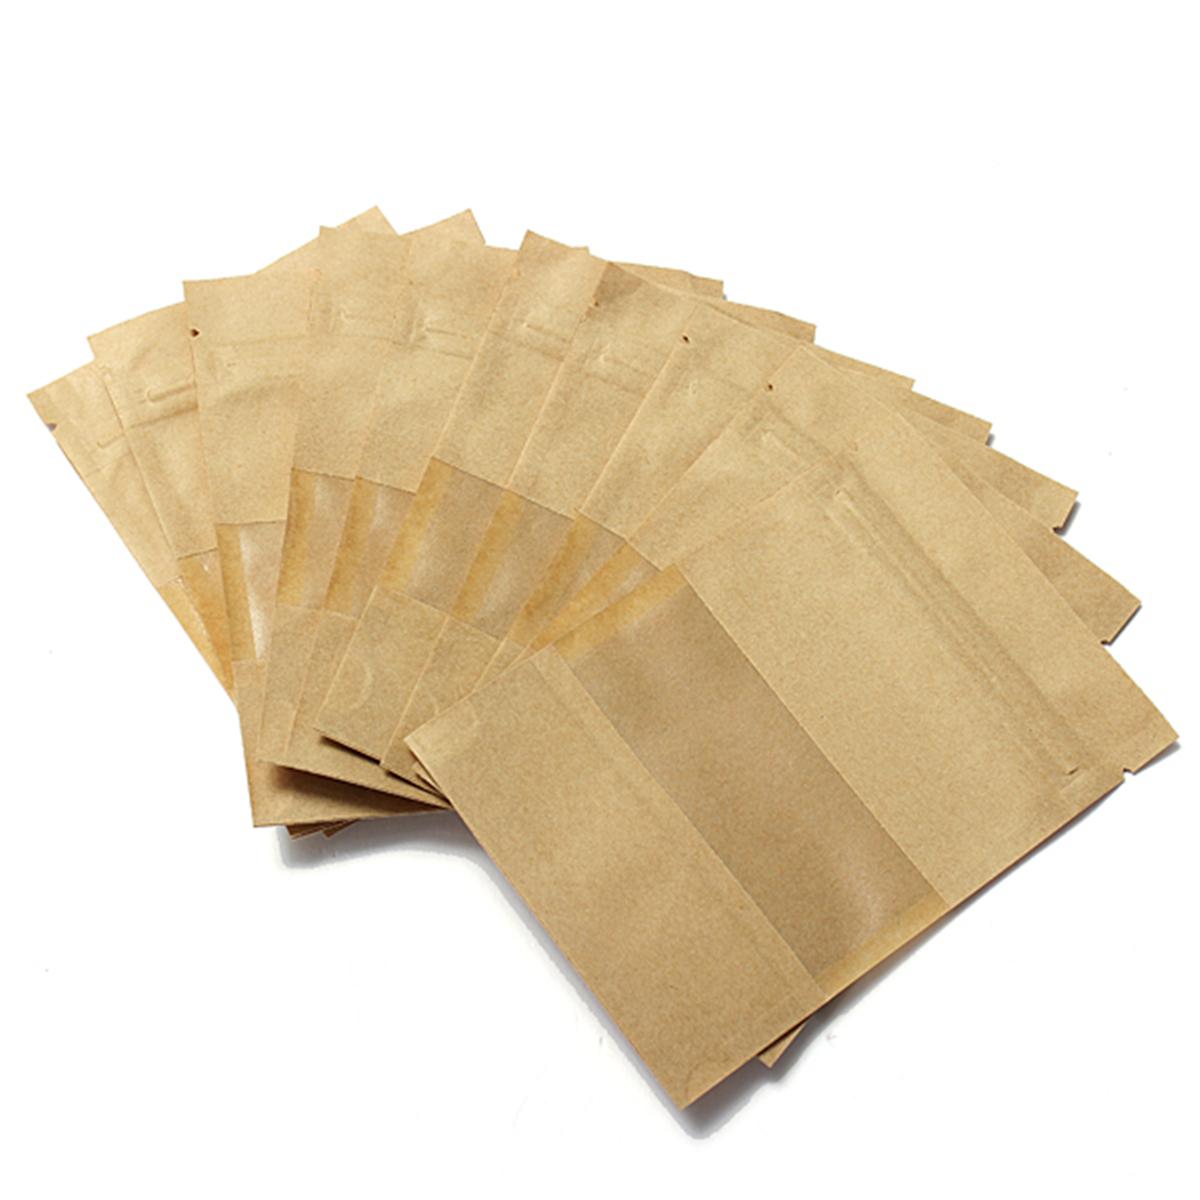 Leak Sealing Kraft Bag : Pcs stand up kraft paper zip lock bag window